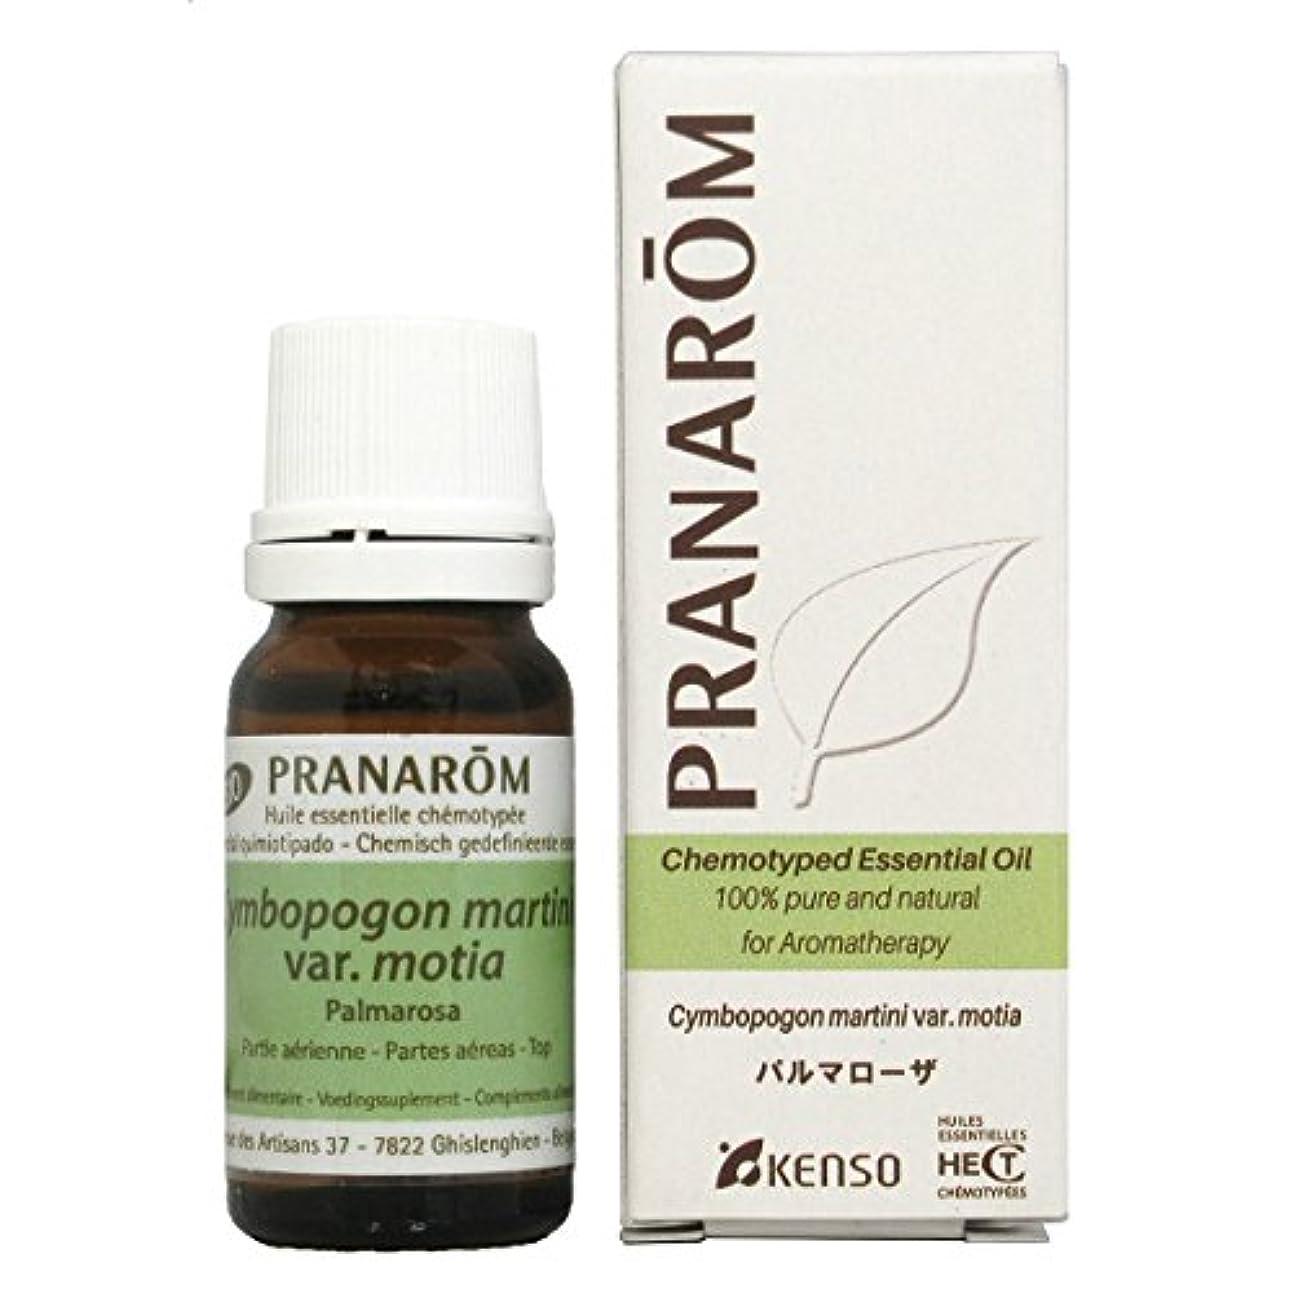 発生課す駐地【パルマローザ 10ml】→バラに似たフローラルな香り?(リラックスハーブ系)[PRANAROM(プラナロム)精油/アロマオイル/エッセンシャルオイル]P-59